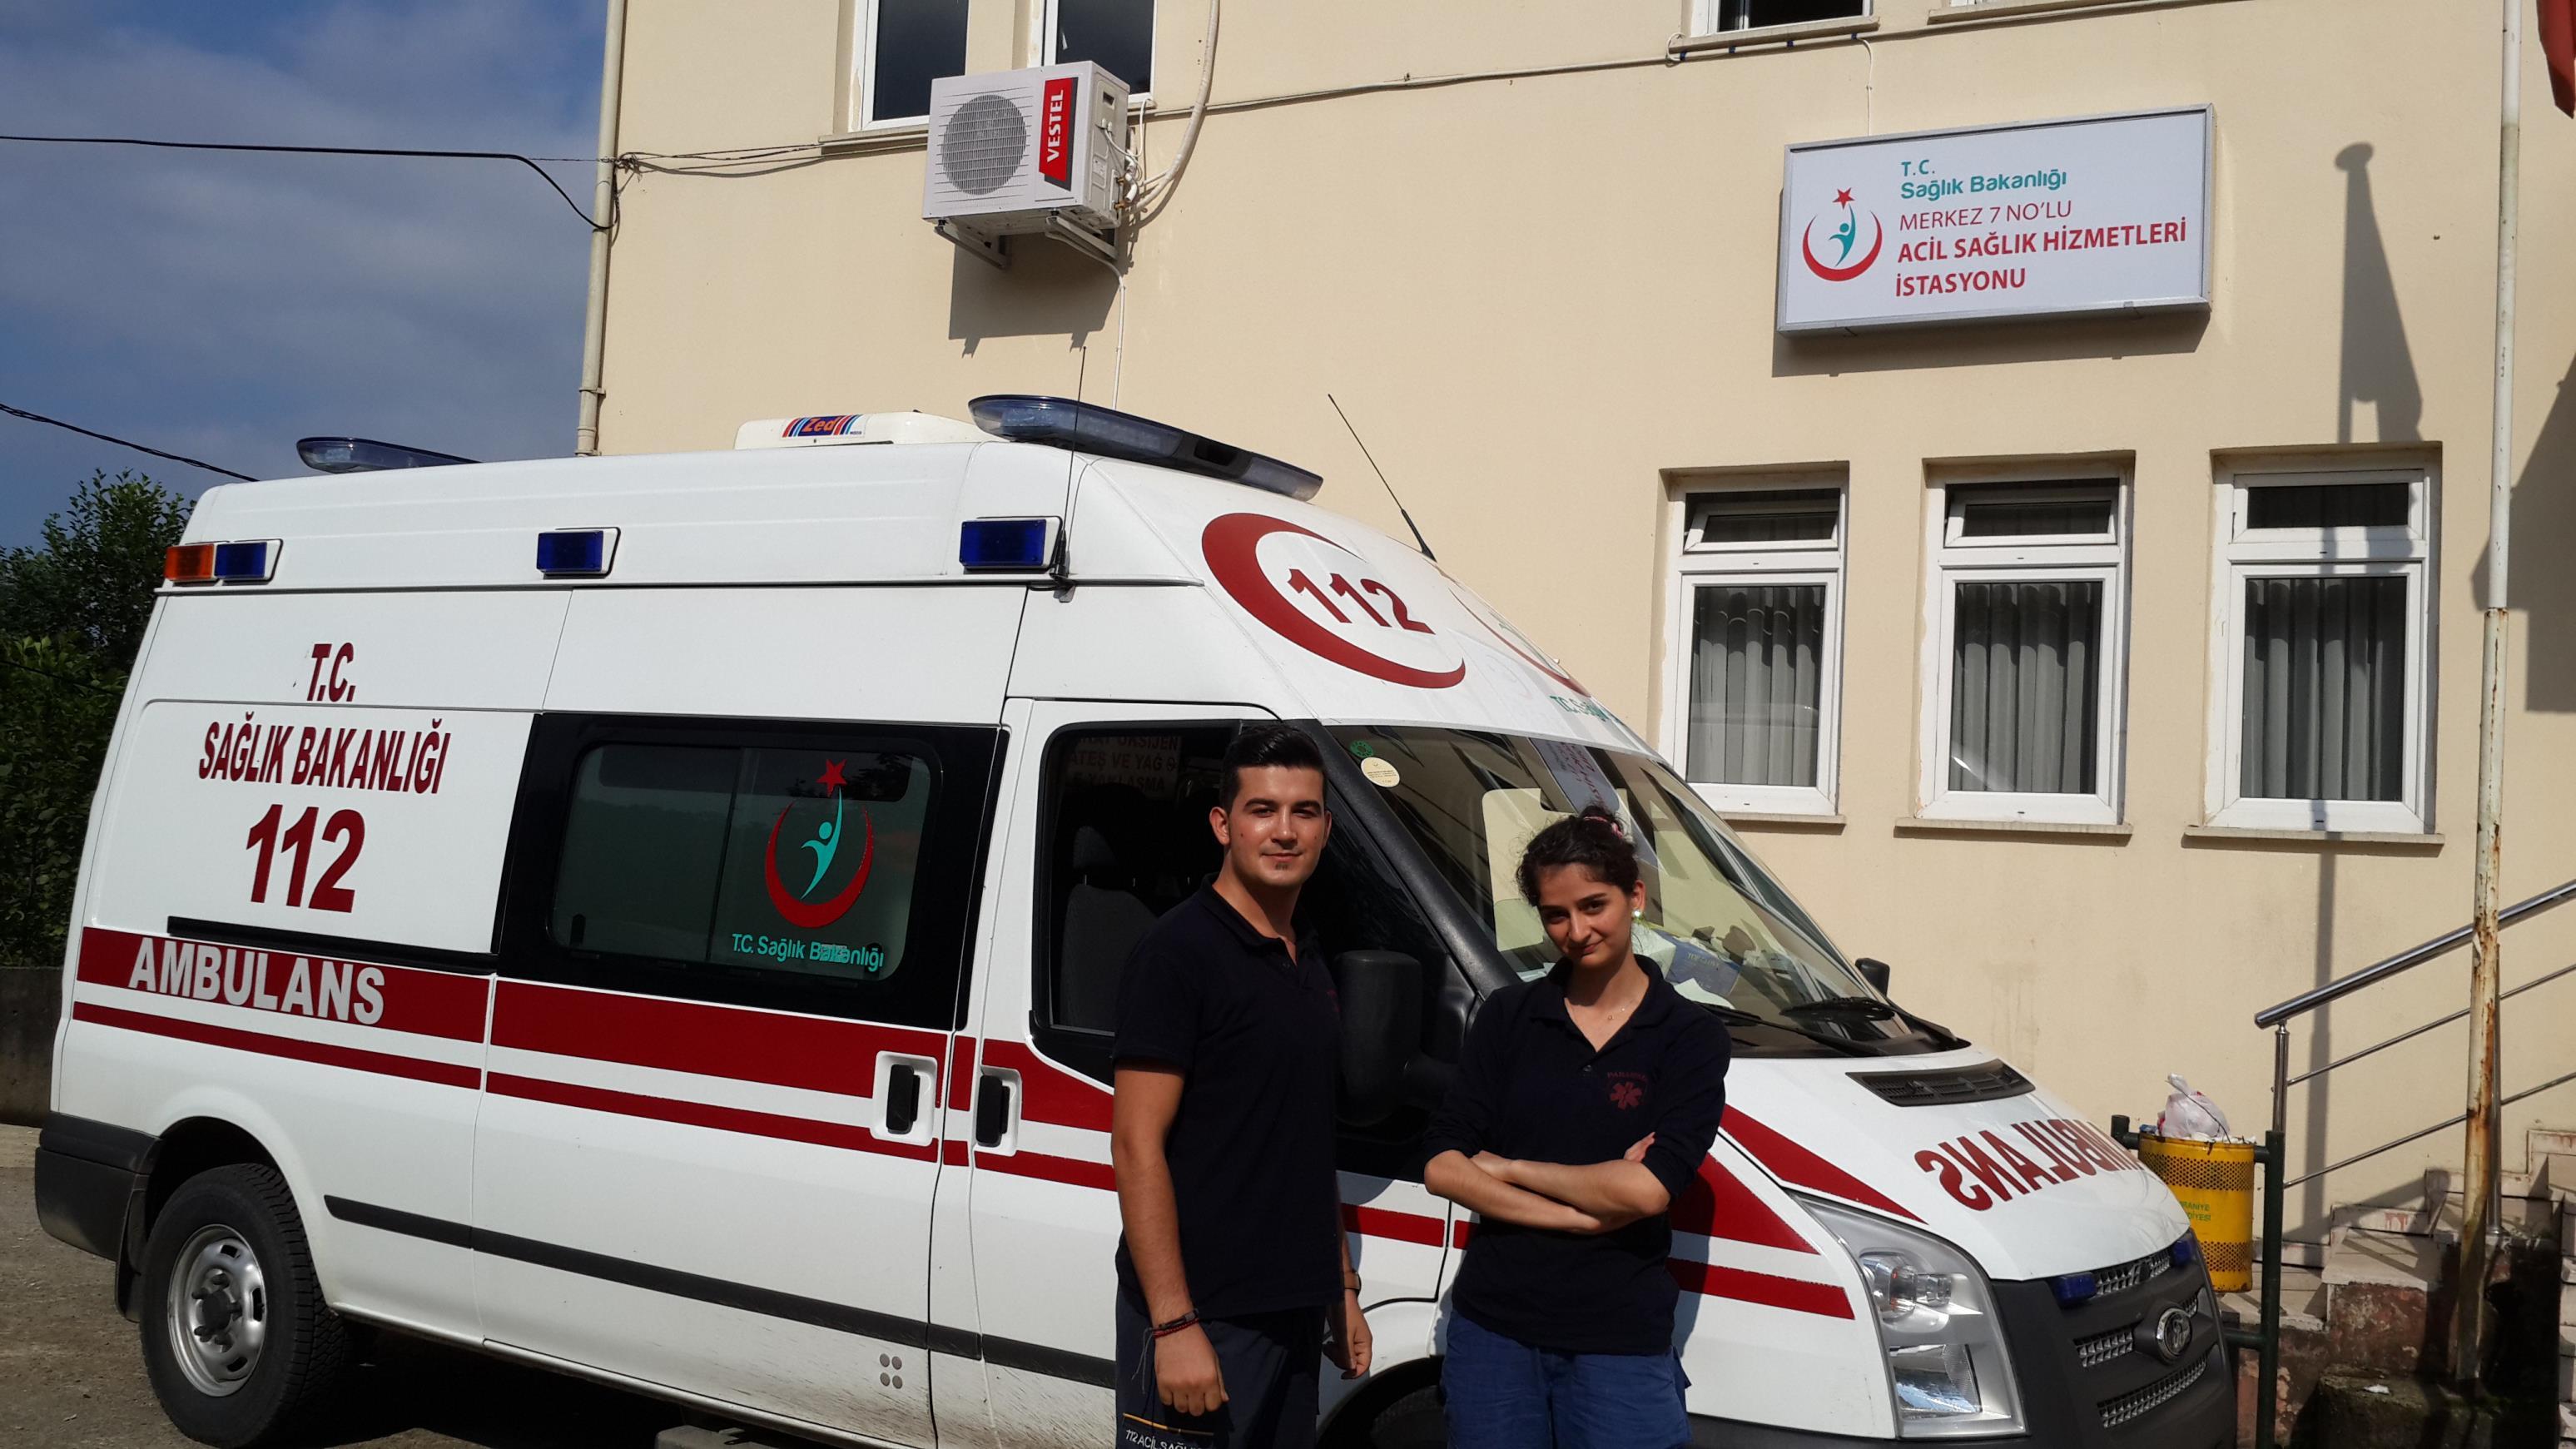 Klinik Rize Sağlık Hizmetleri